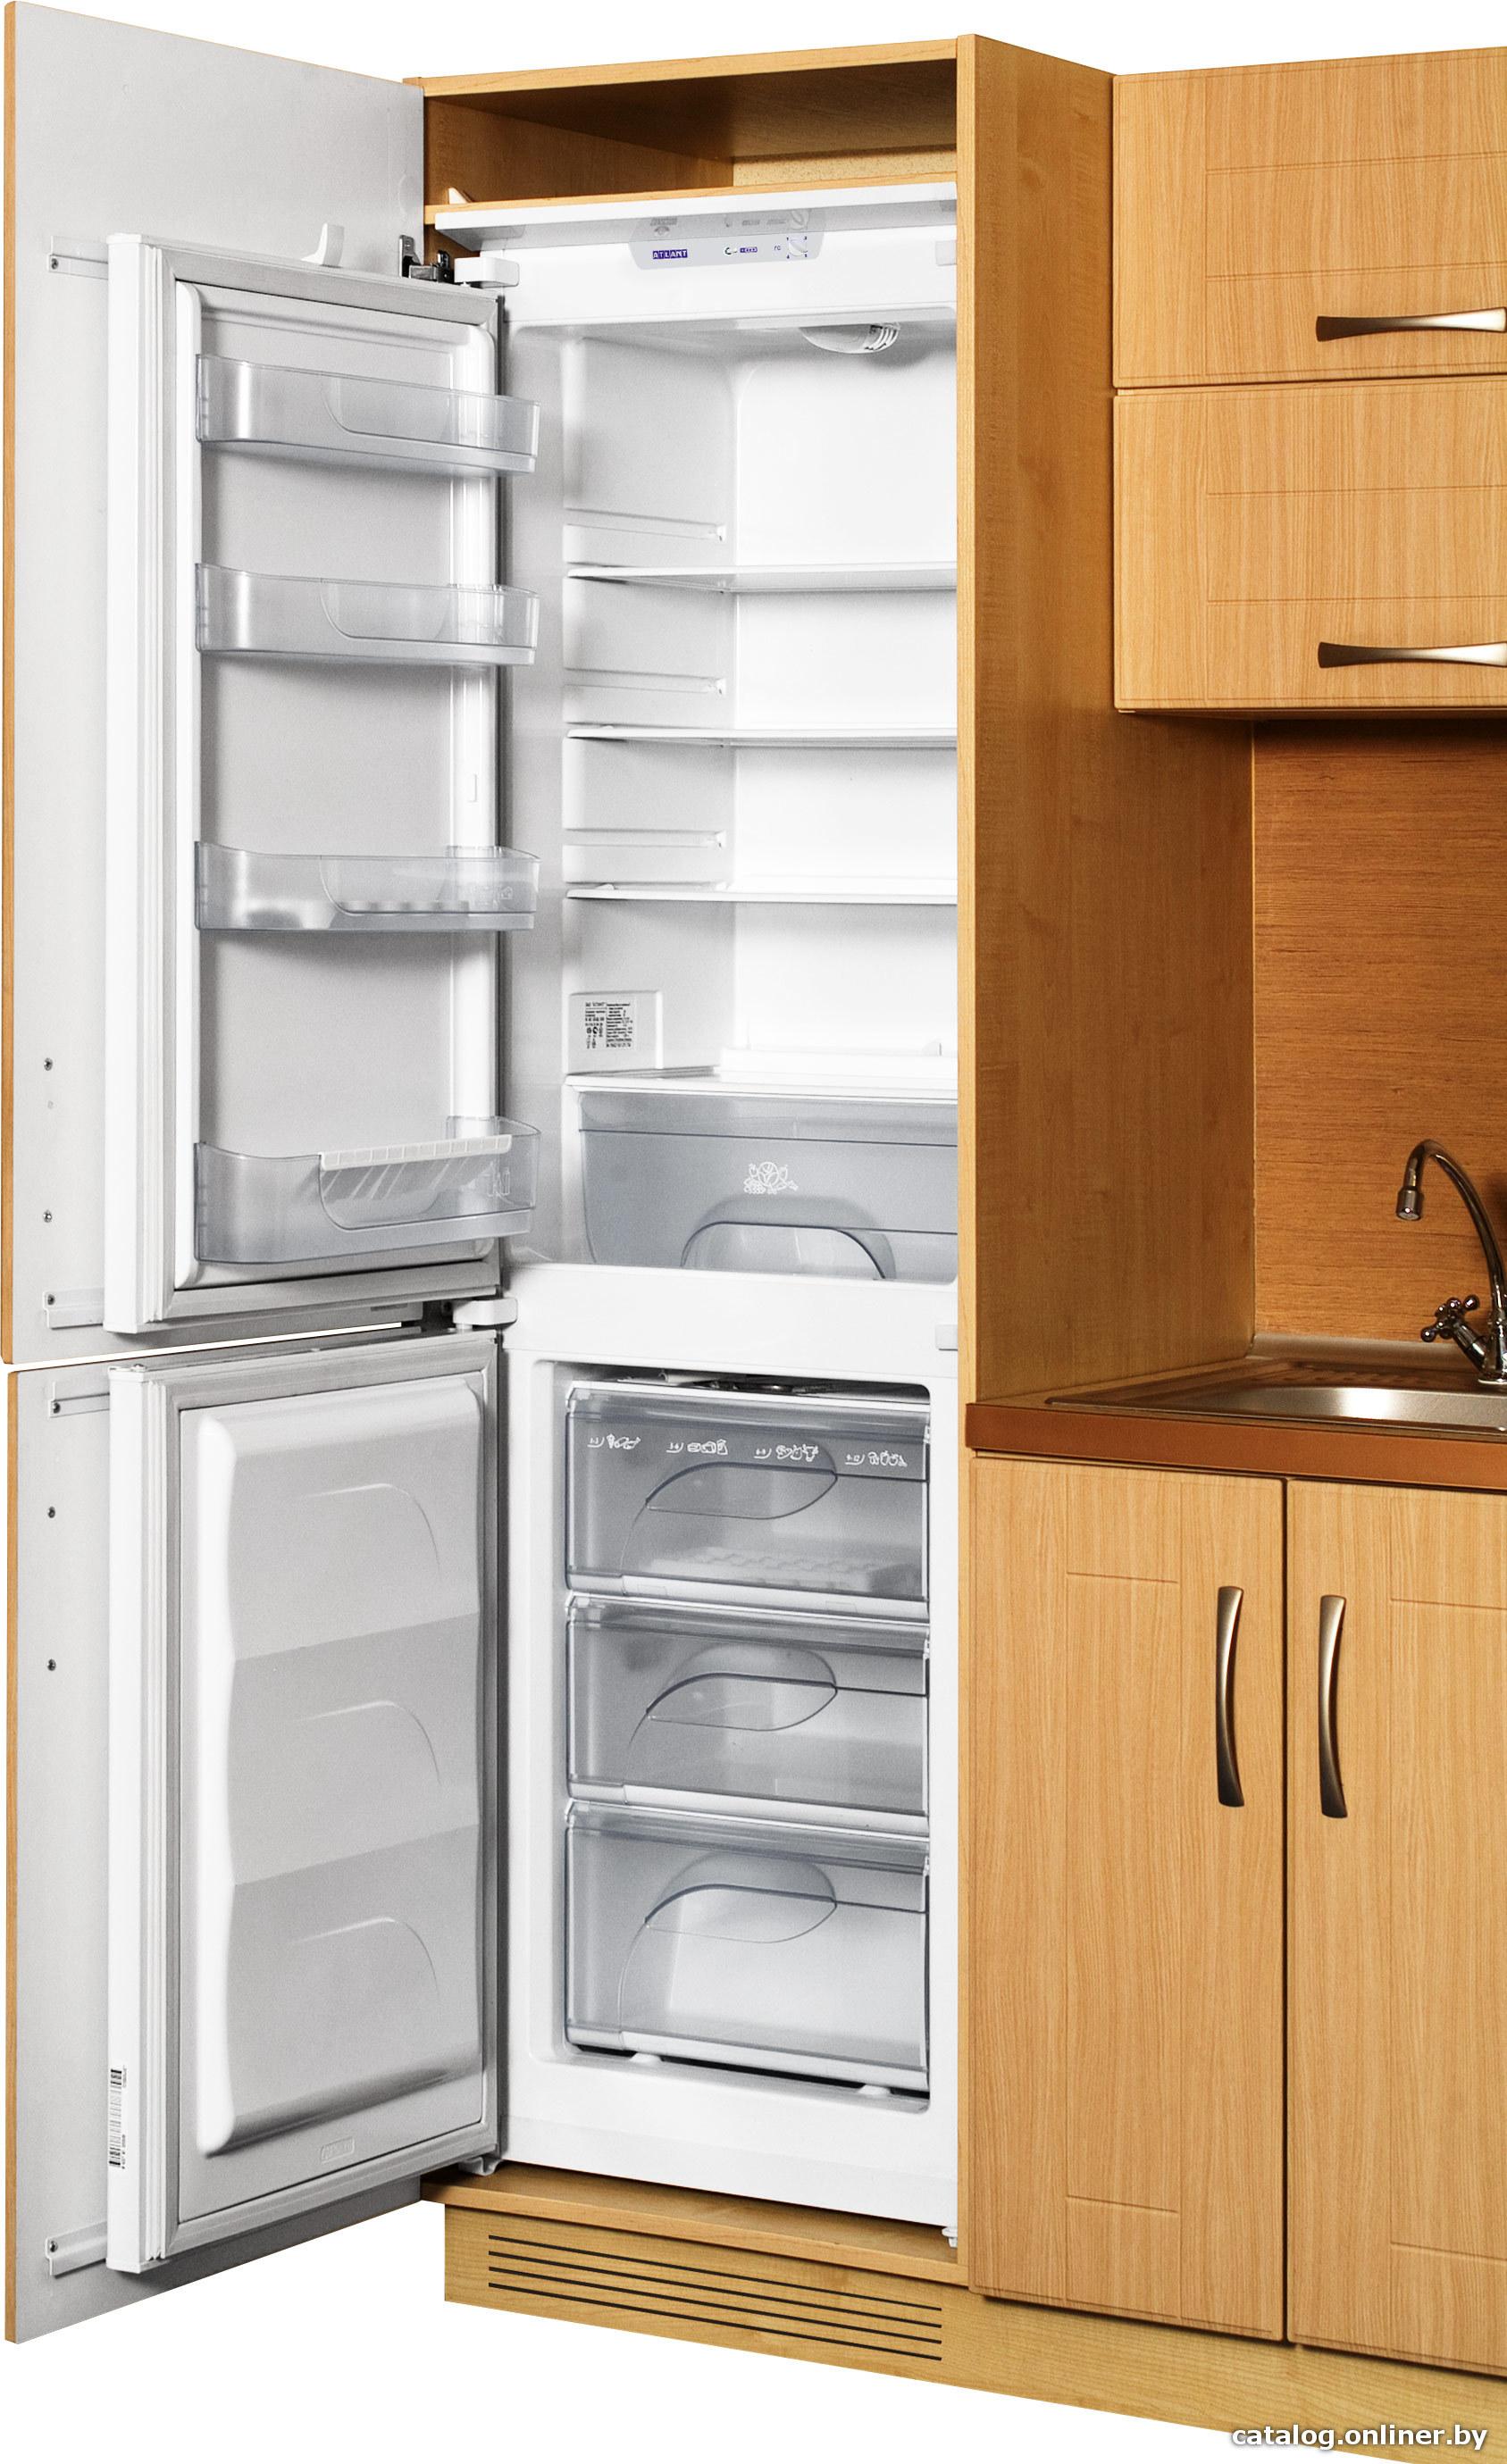 Встраиваемый холодильник атлант 4307 000 схема встраивания фото 725